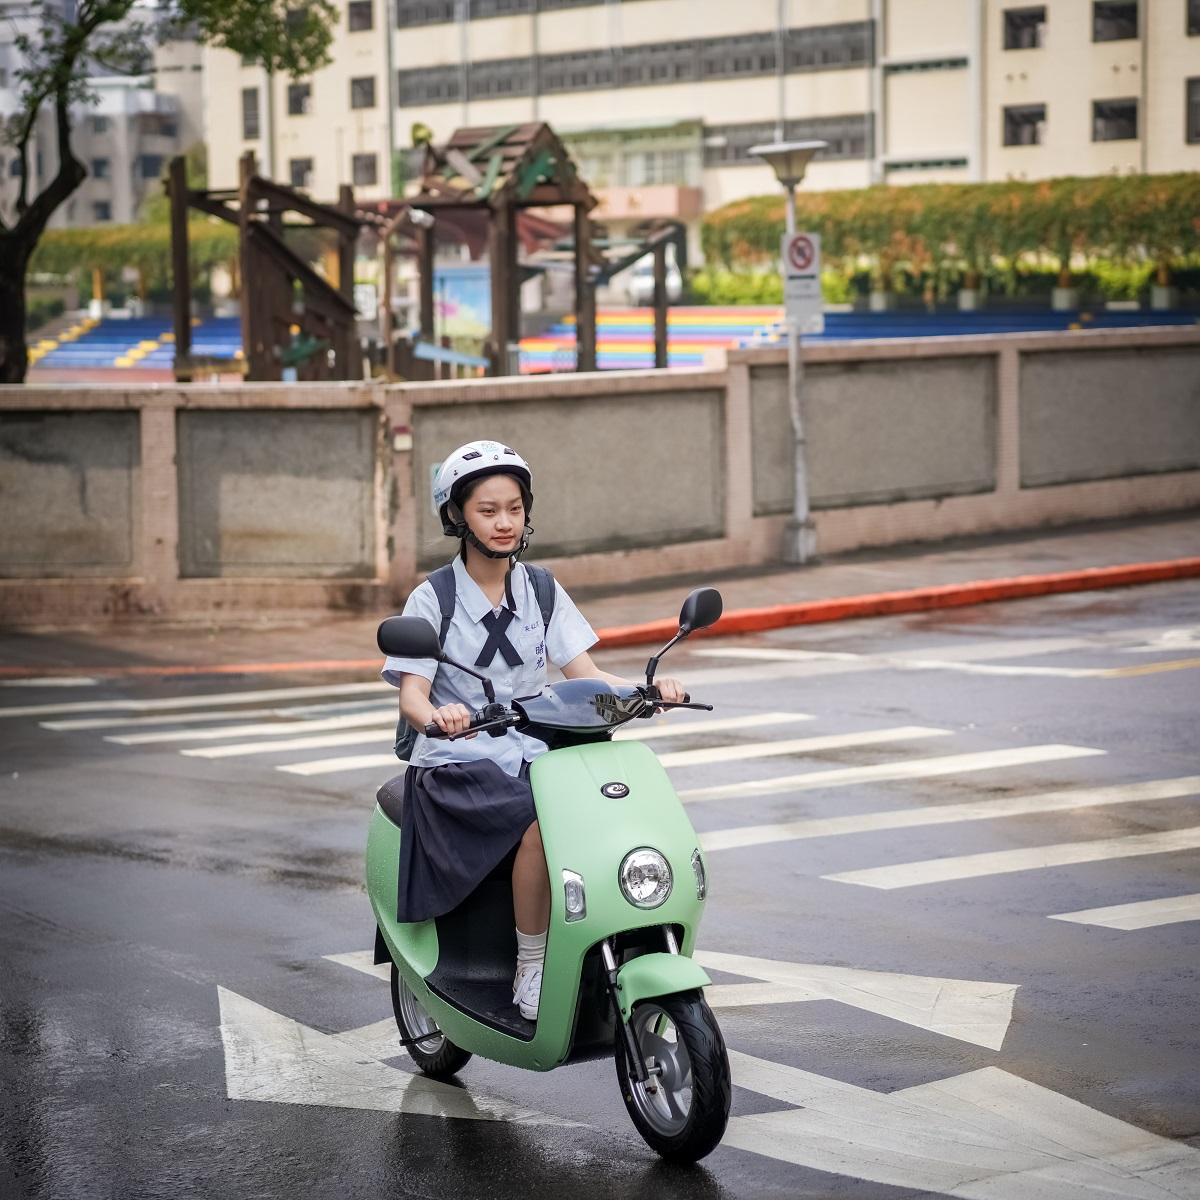 eMOVING電動自行車春夏新色登場,配備升級.jpg